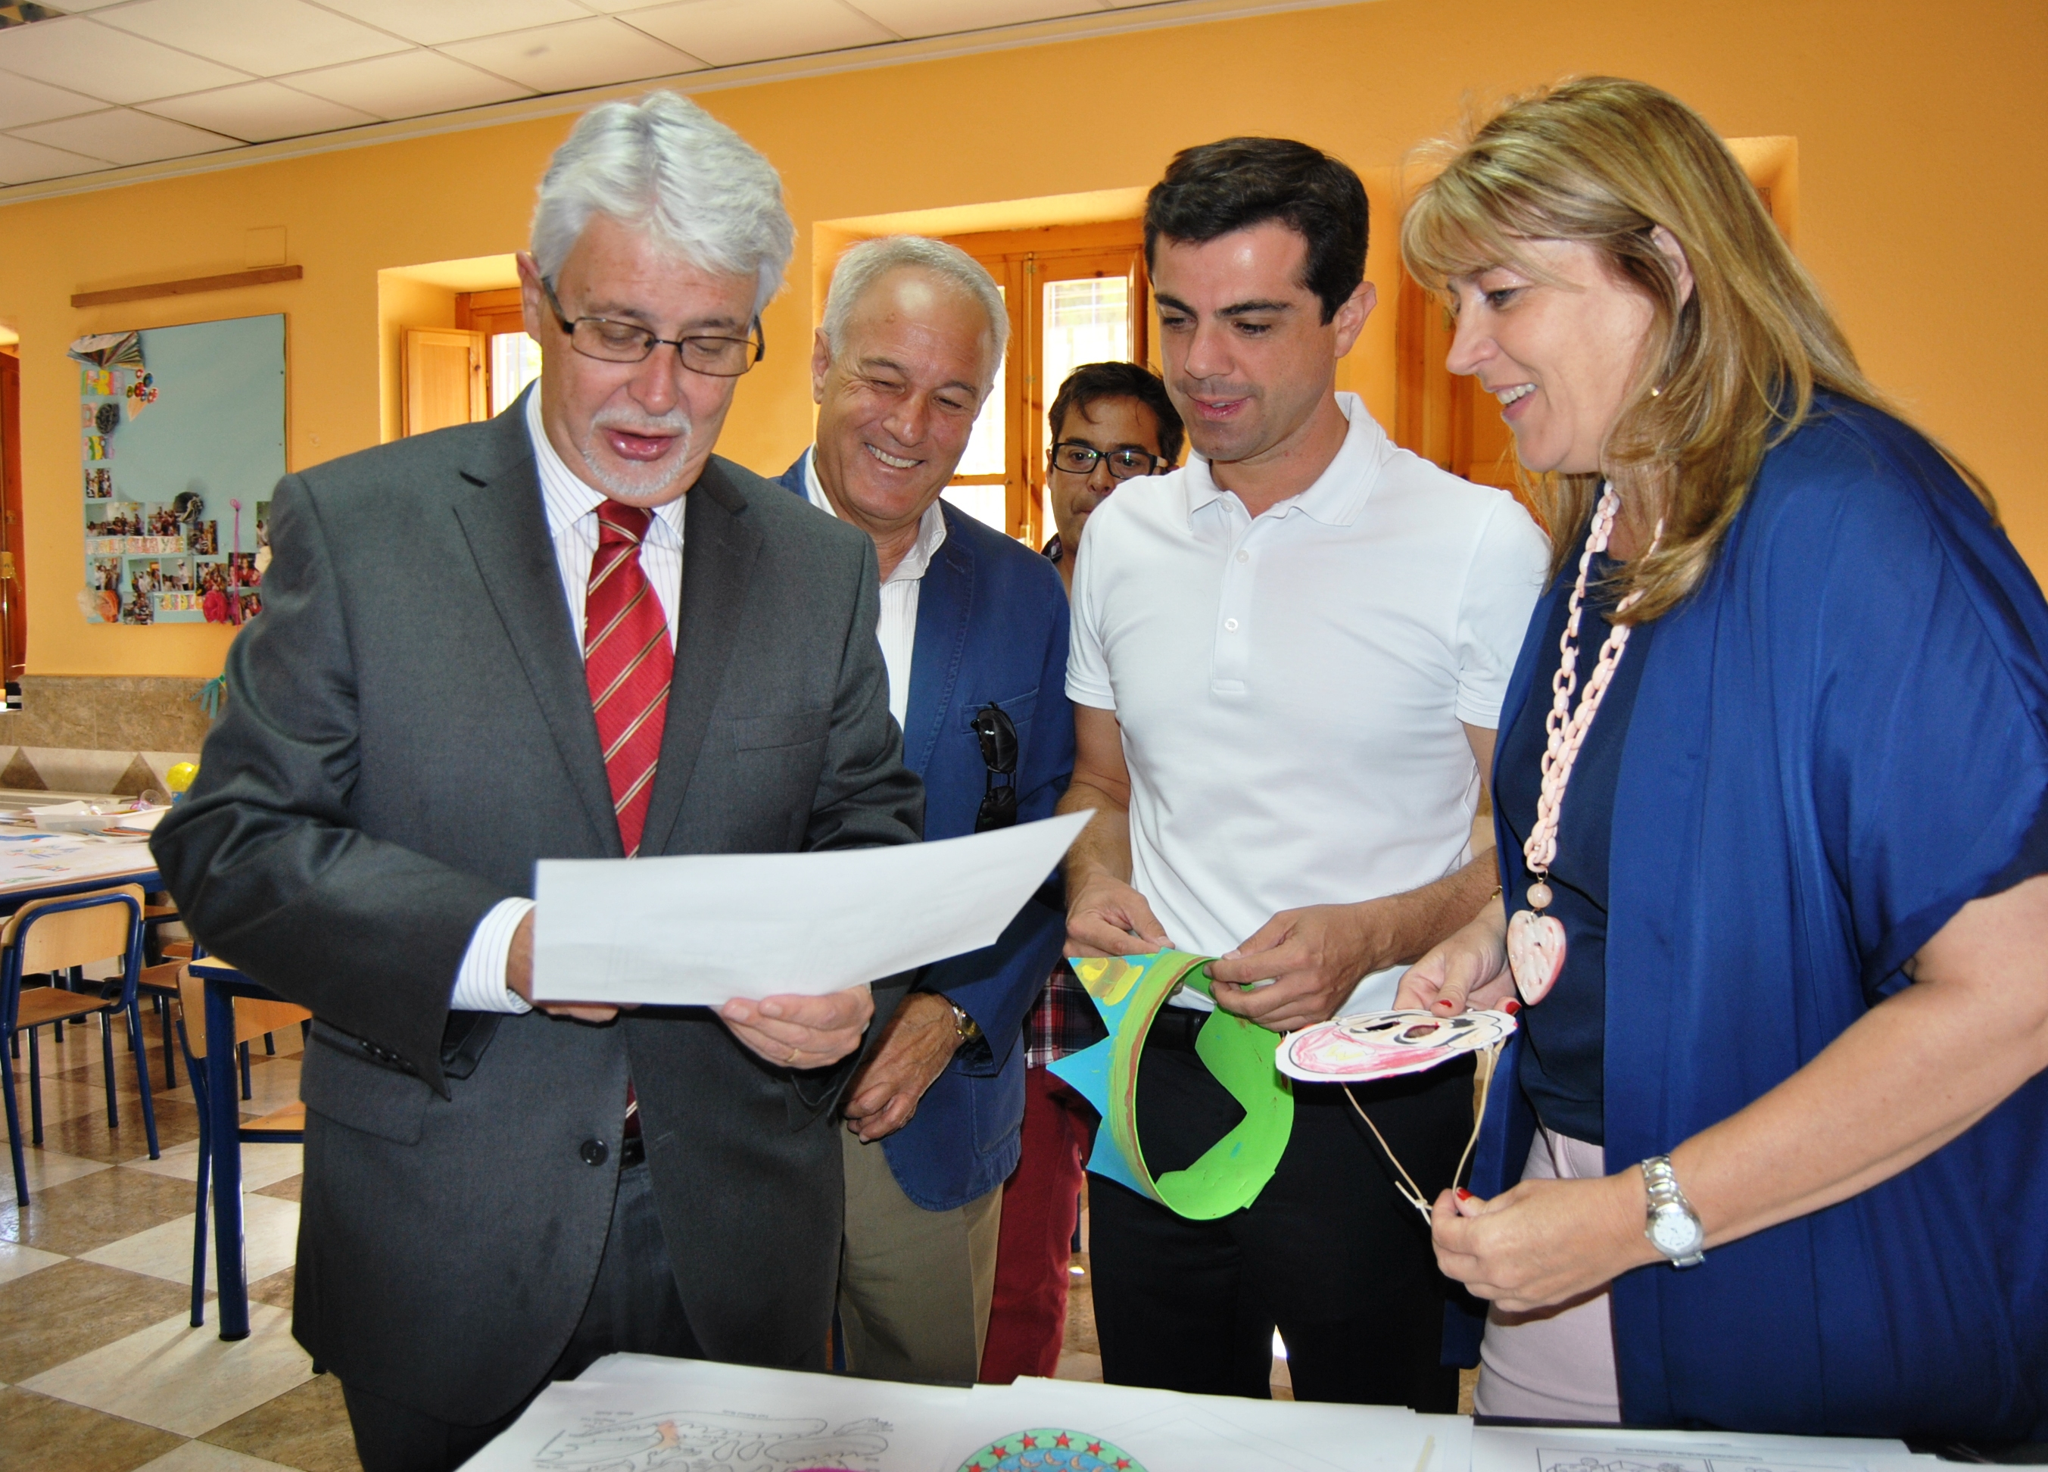 Foto. Visita Ludoteca en la Feria.16-9-15 (1)